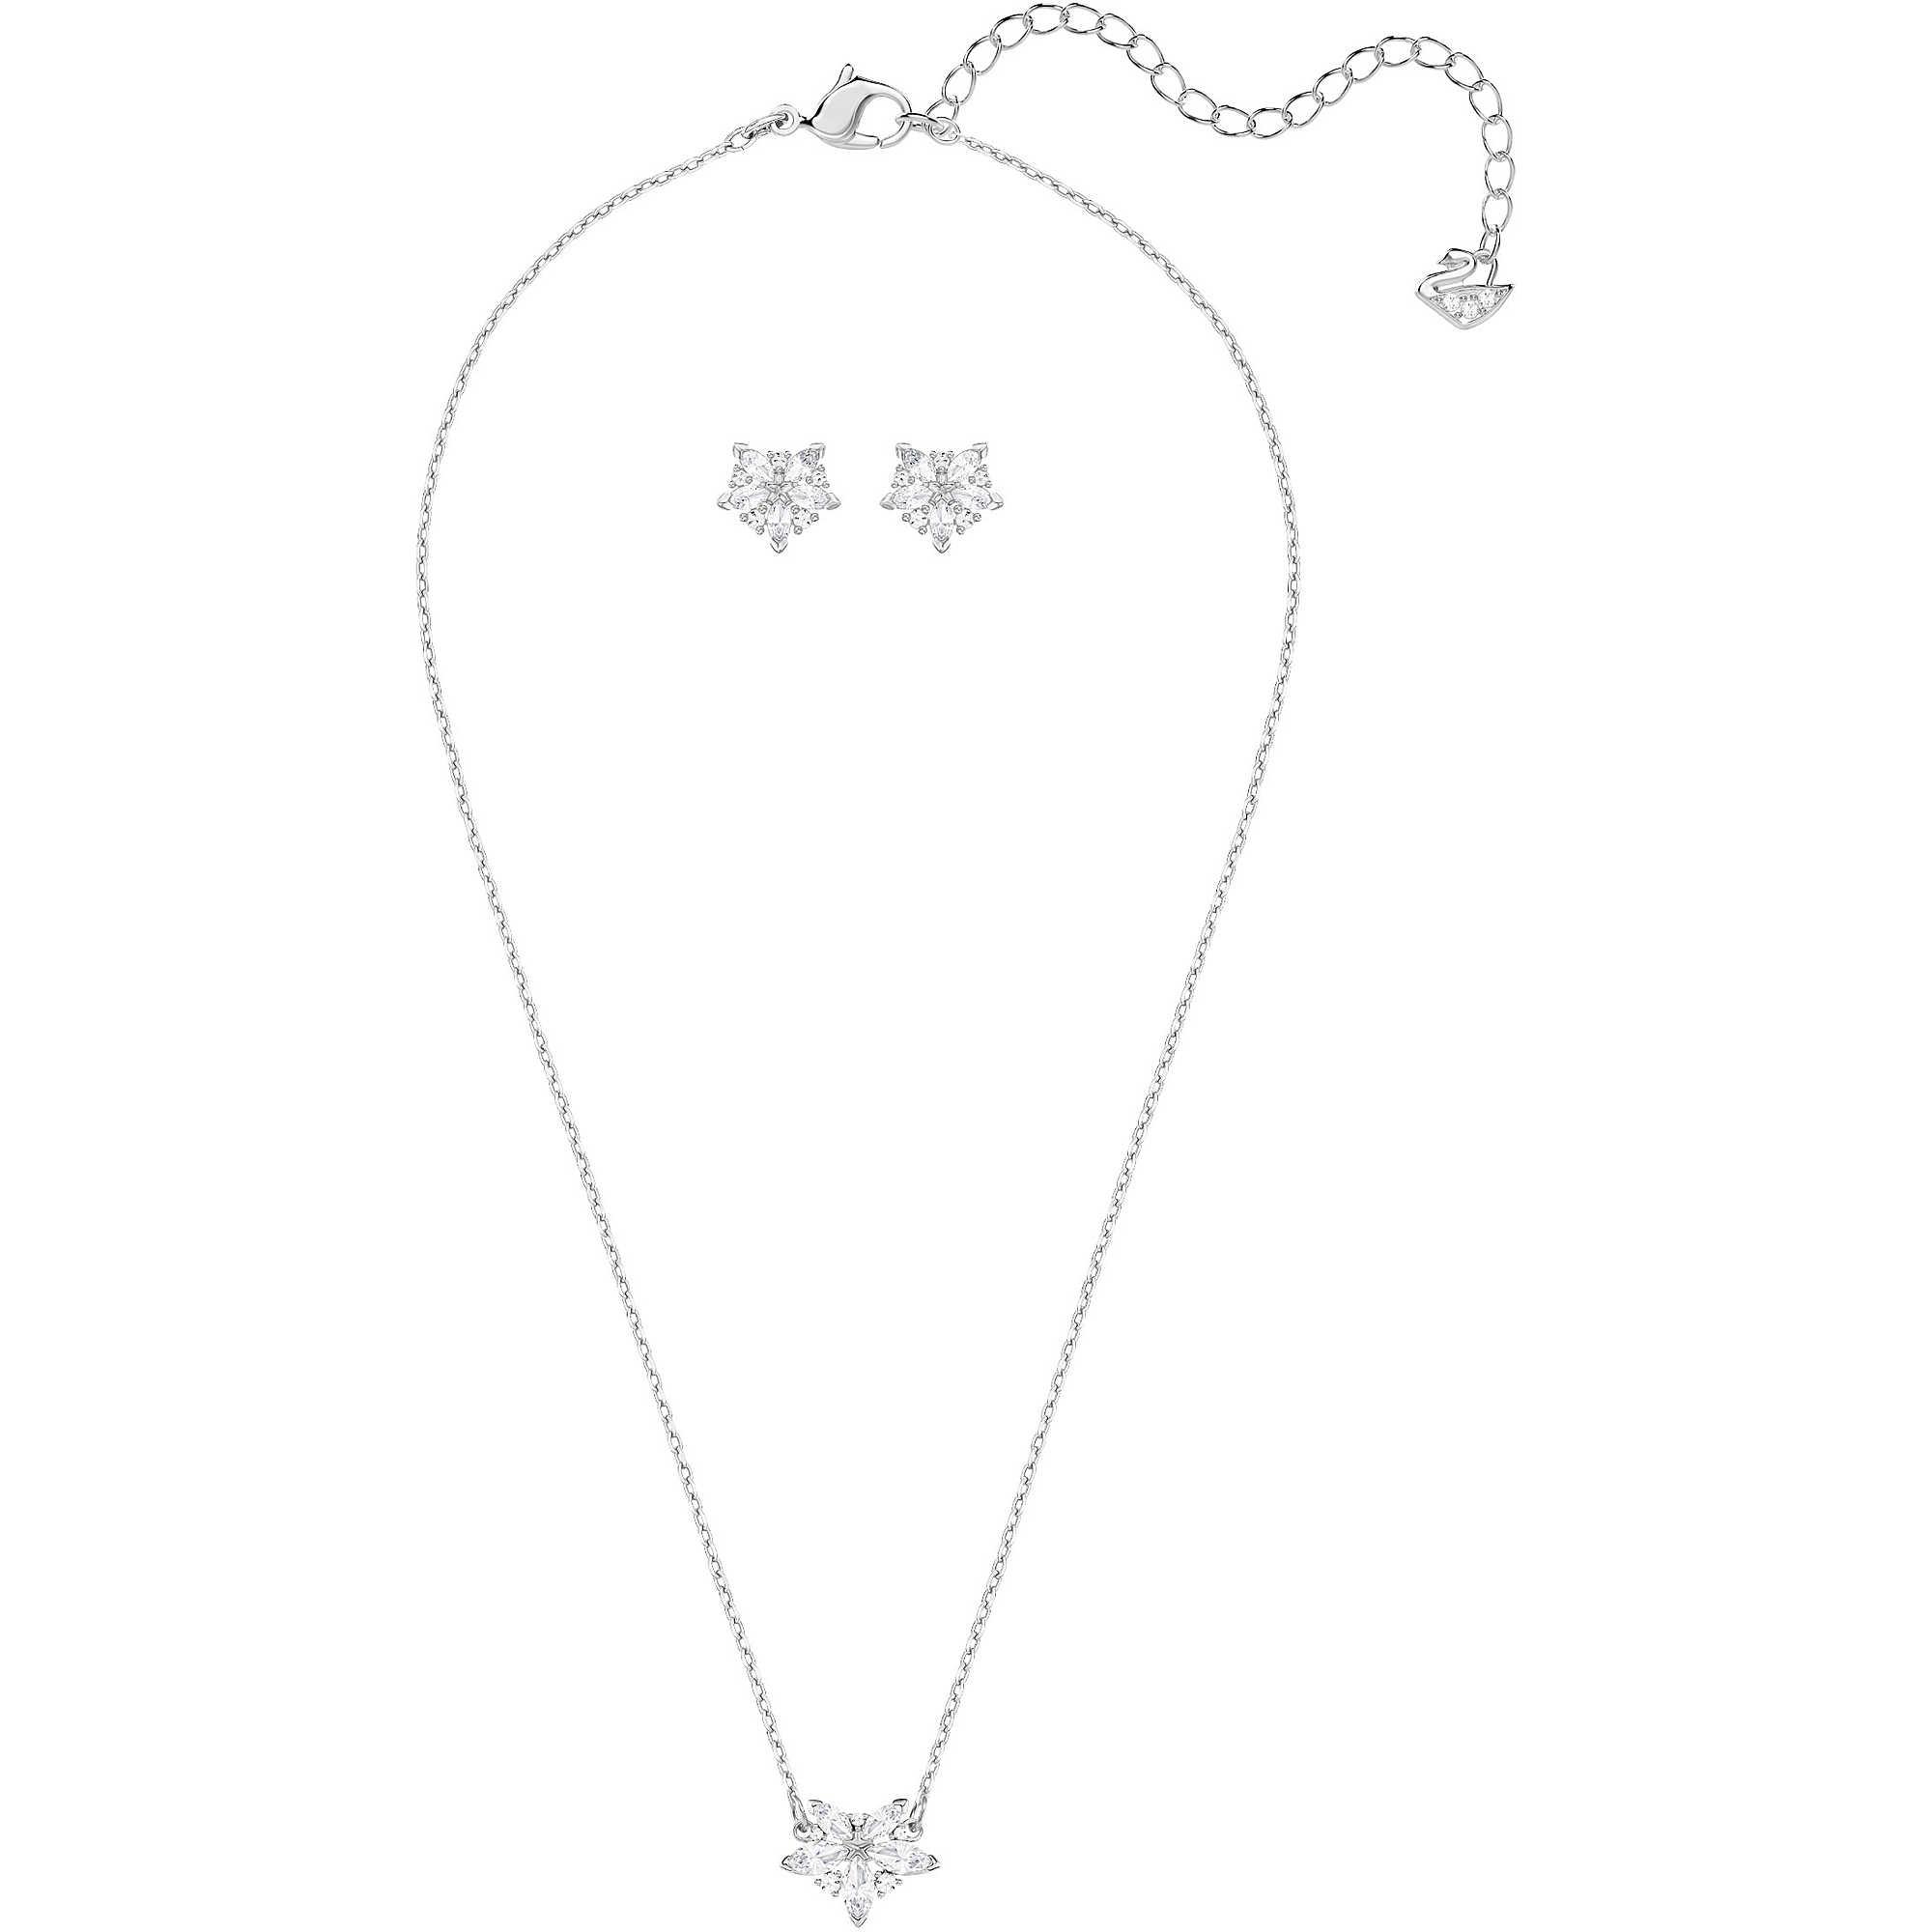 3c8437f568a751 collana donna gioielli Swarovski Lady 5408432 collane Swarovski